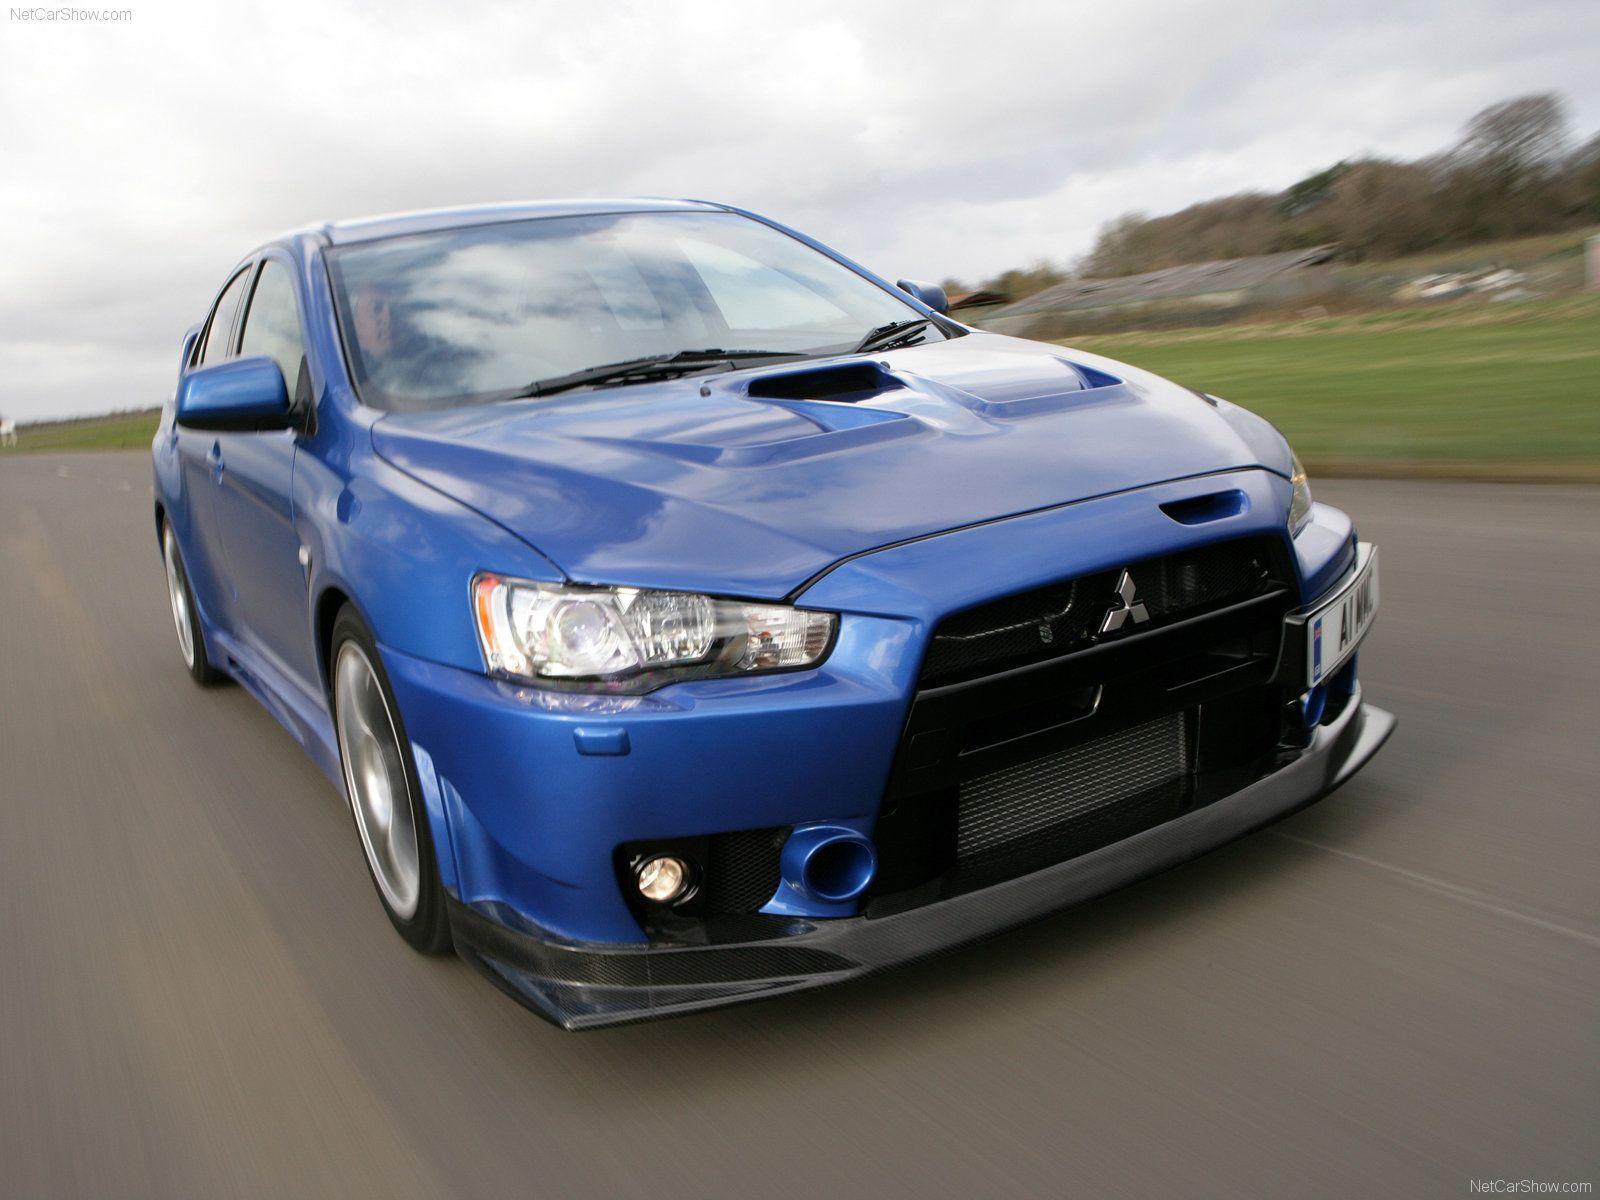 Mitsubishi lancer evolution x fq 400 2010